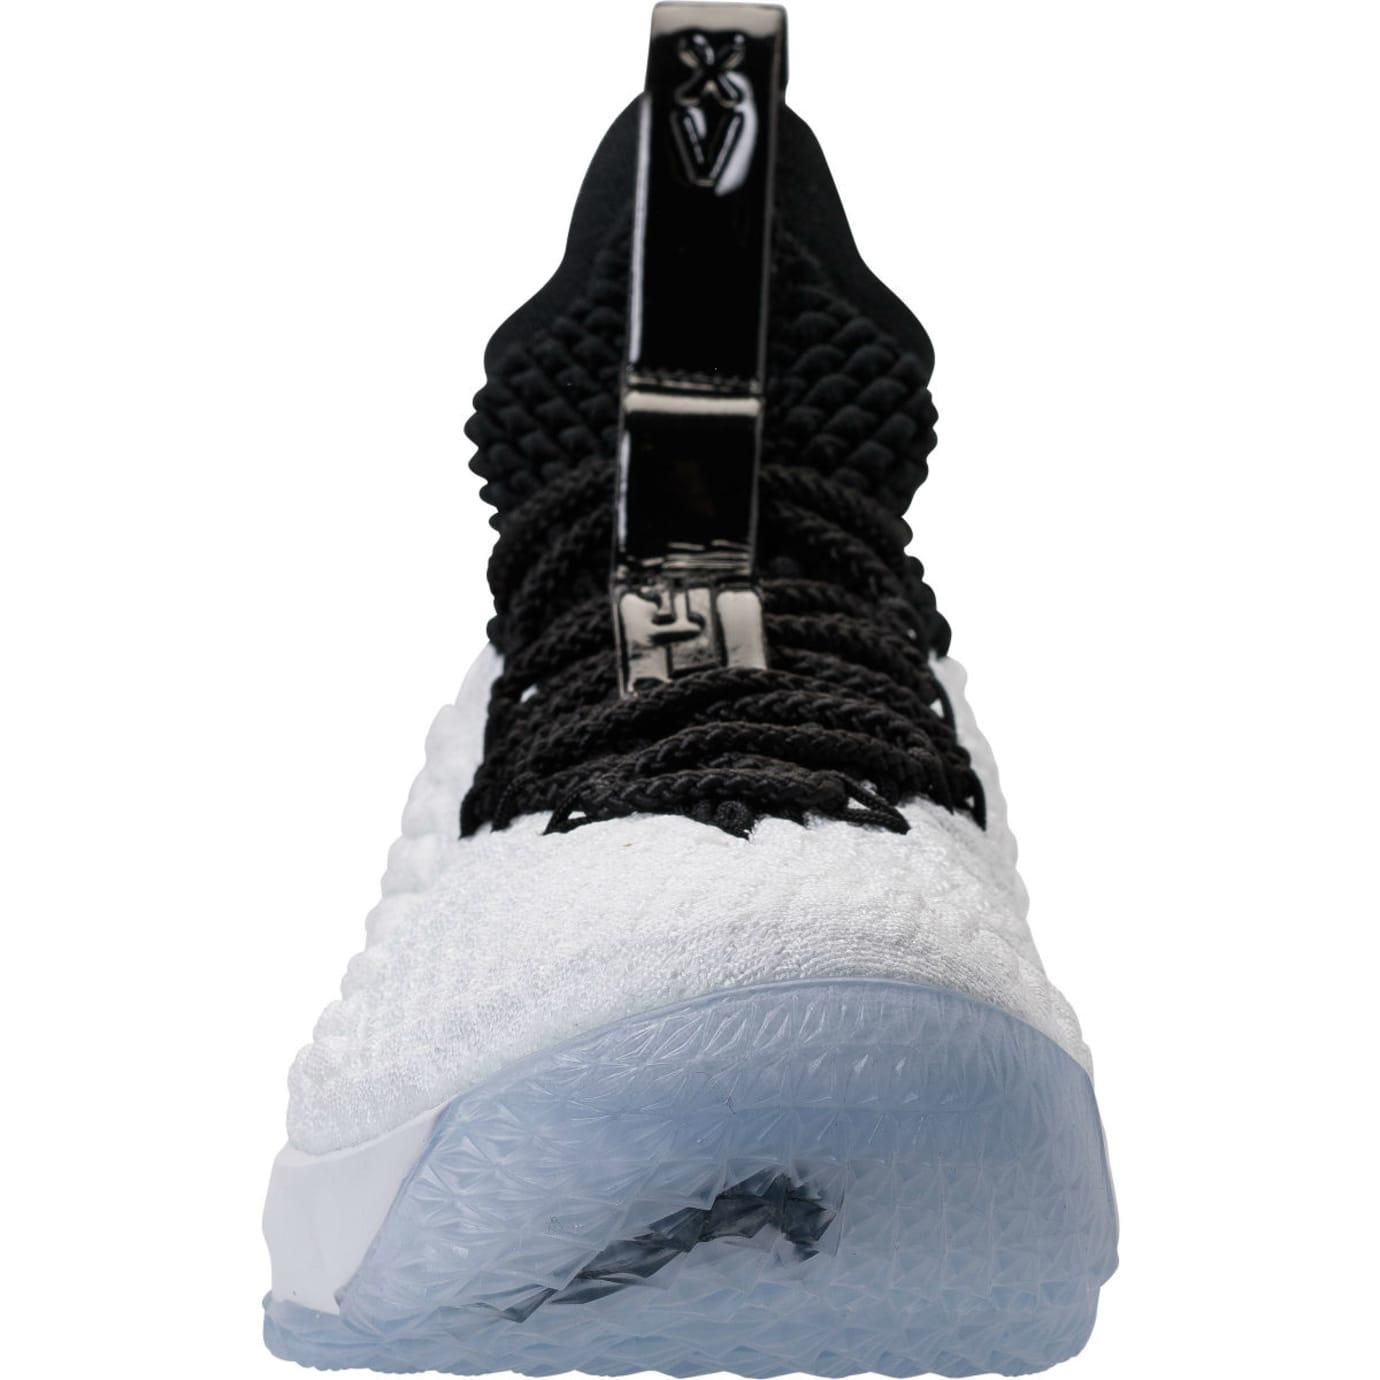 Nike LeBron 15 Graffiti Release Date AQ2363-100 Front